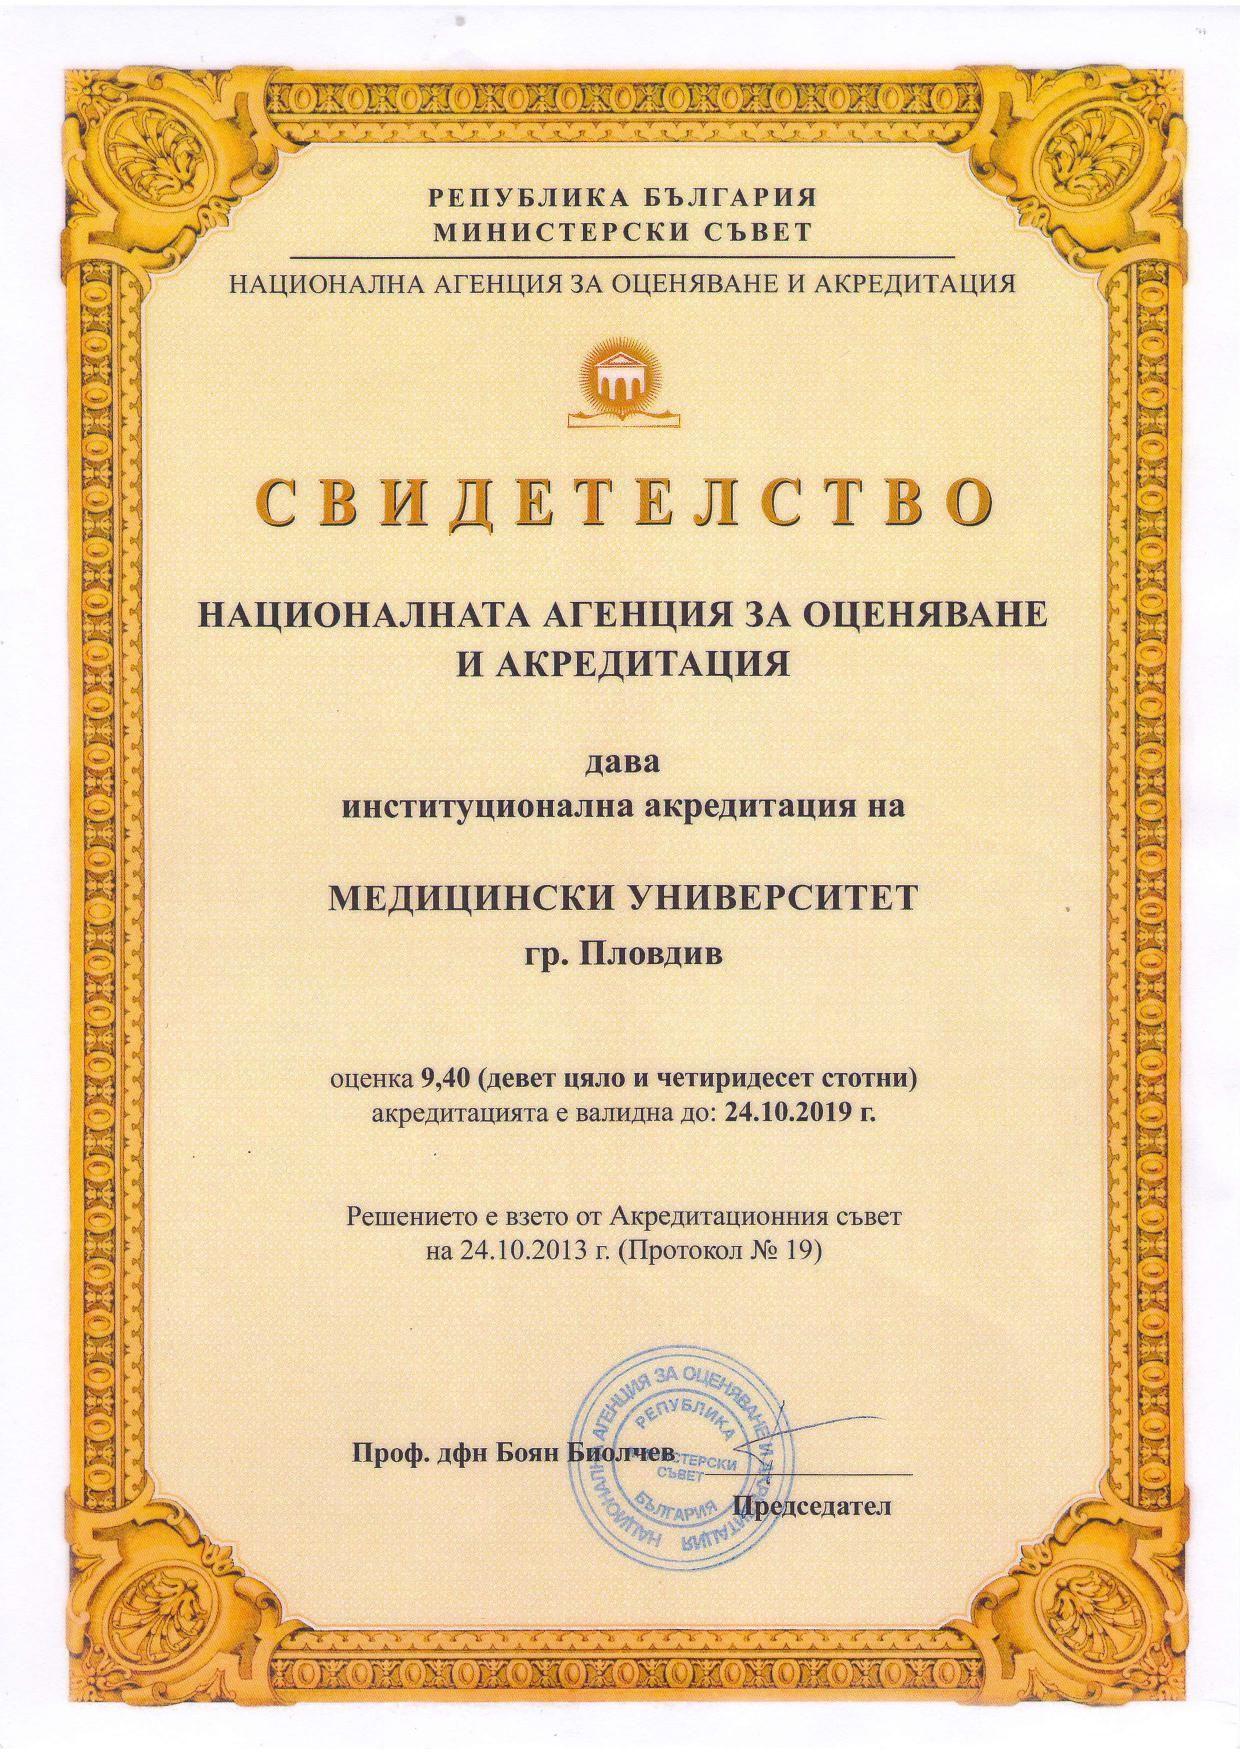 Акредитация от НАОА - оценка 9,40